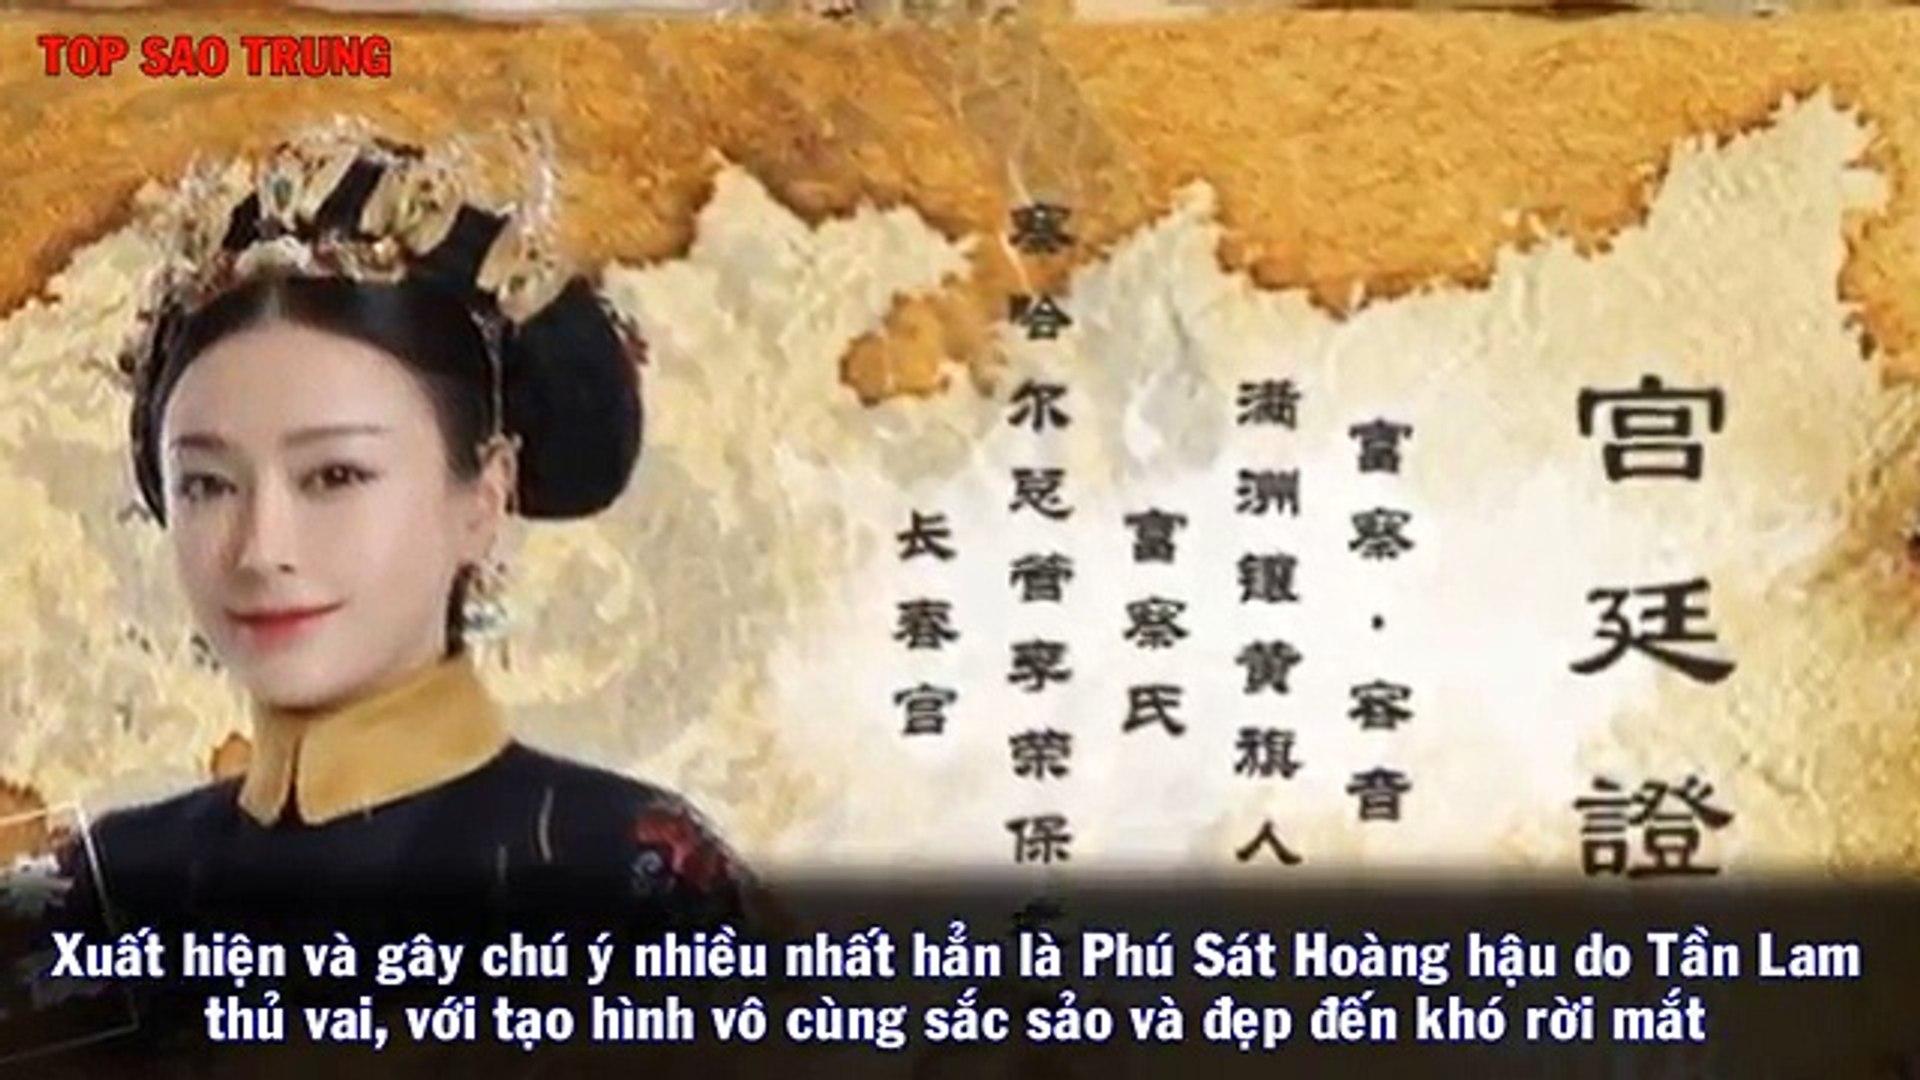 Trên phim Diên Hi Công Lược là mẫu nghi thiên hạ, có ai ngờ ngoài đời Hoàng hậu sành điệu thế này